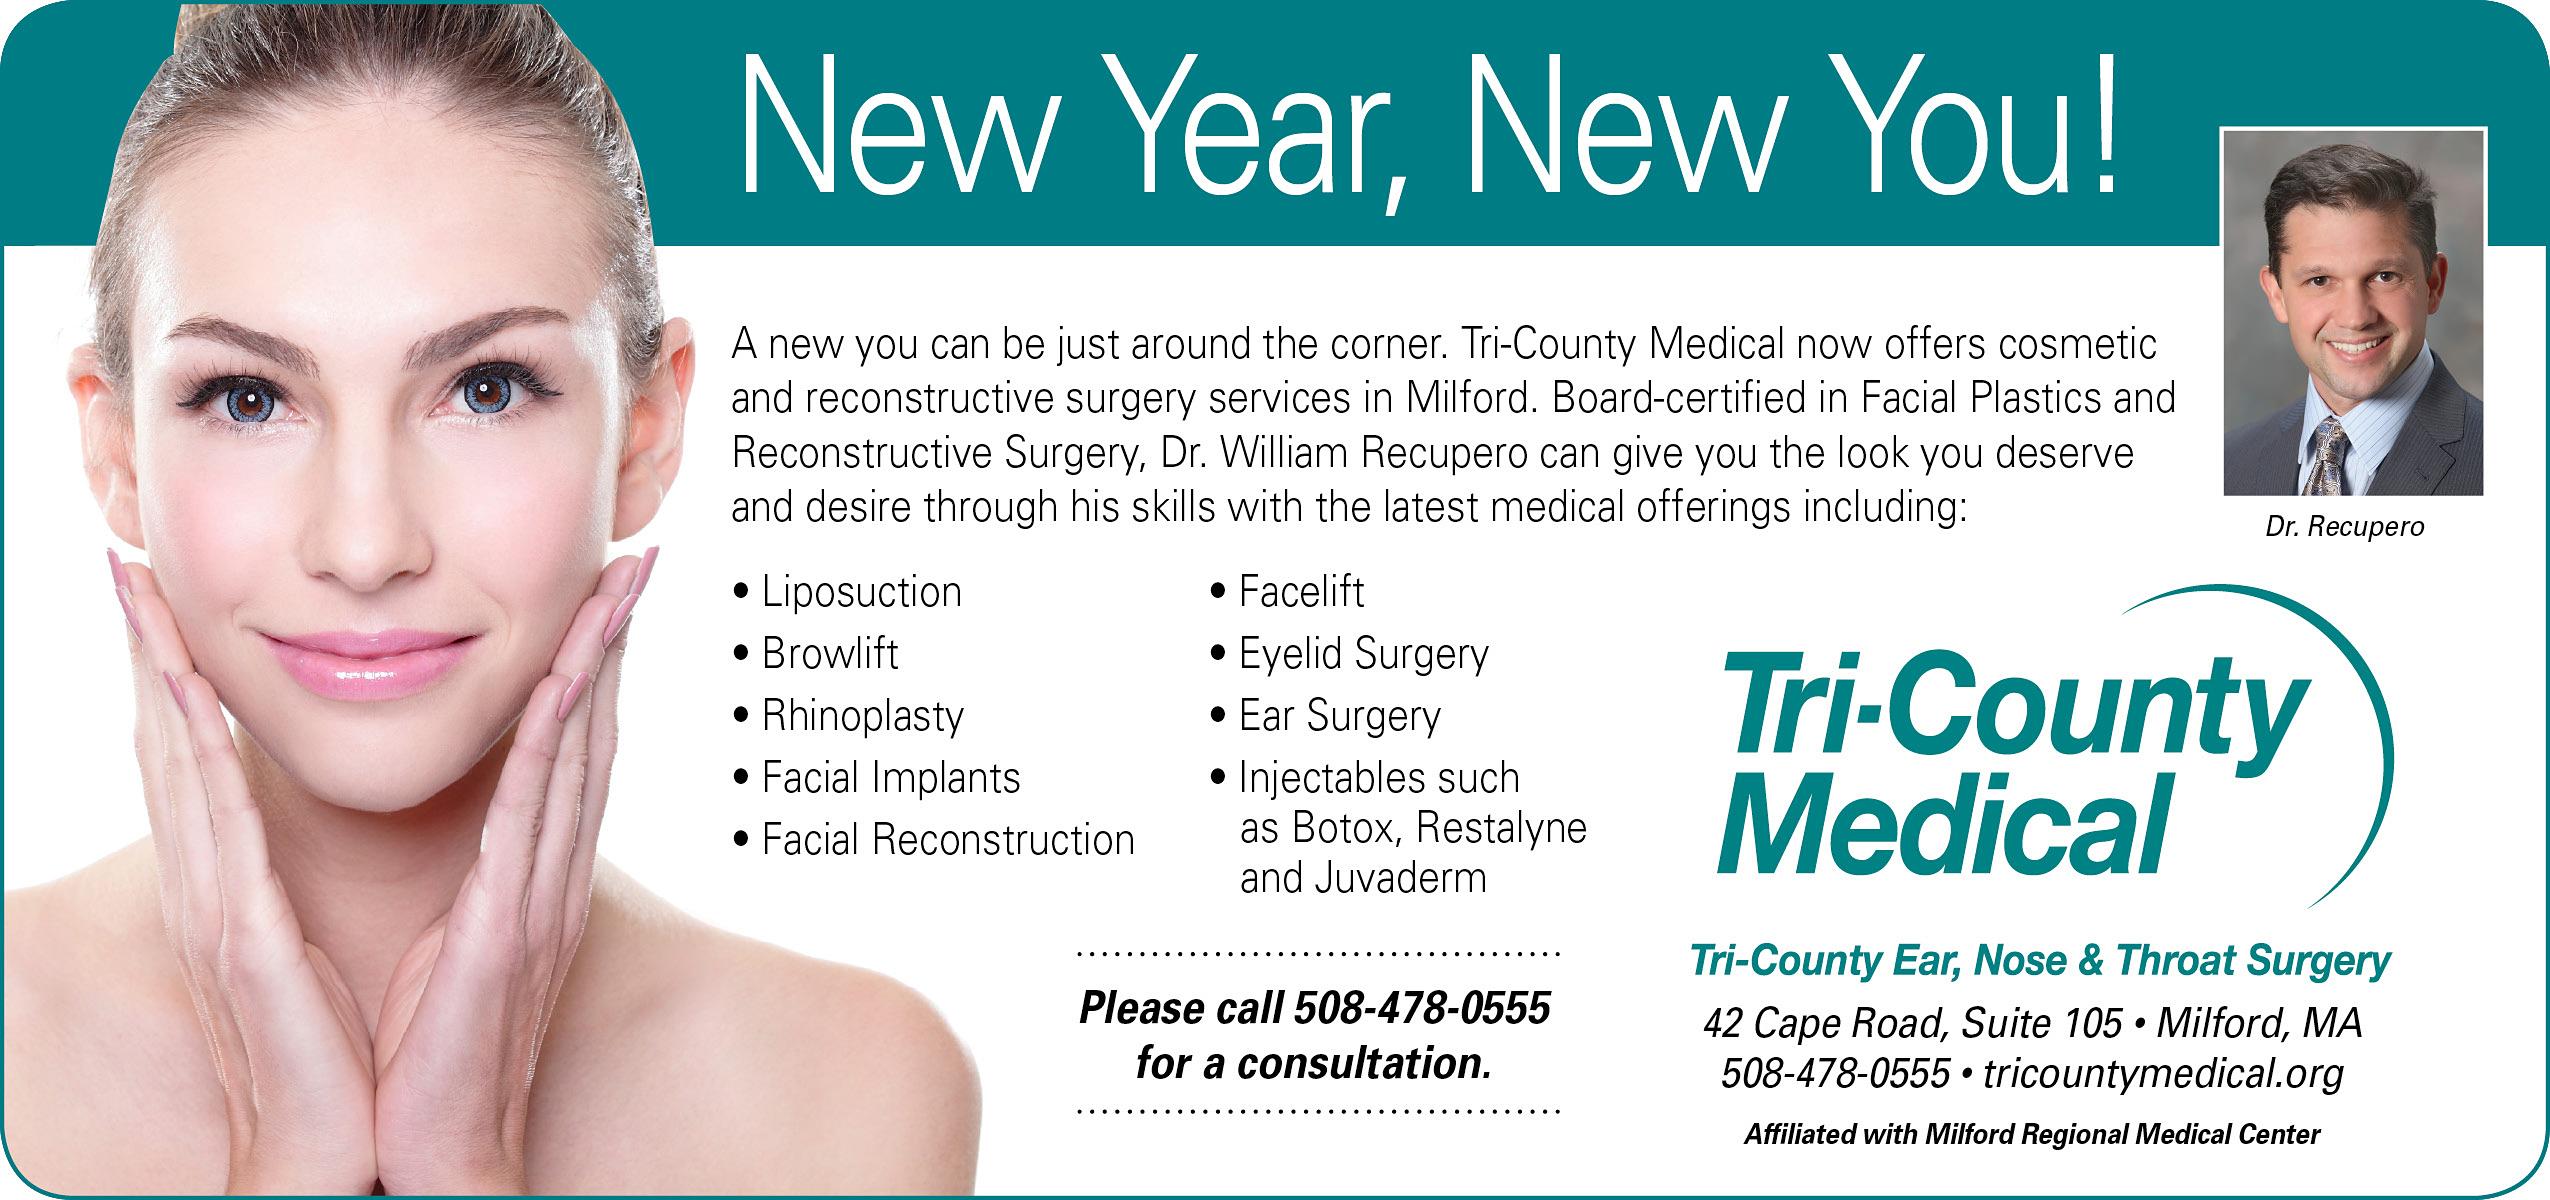 Facial Plastic & Reconstructive Surgery